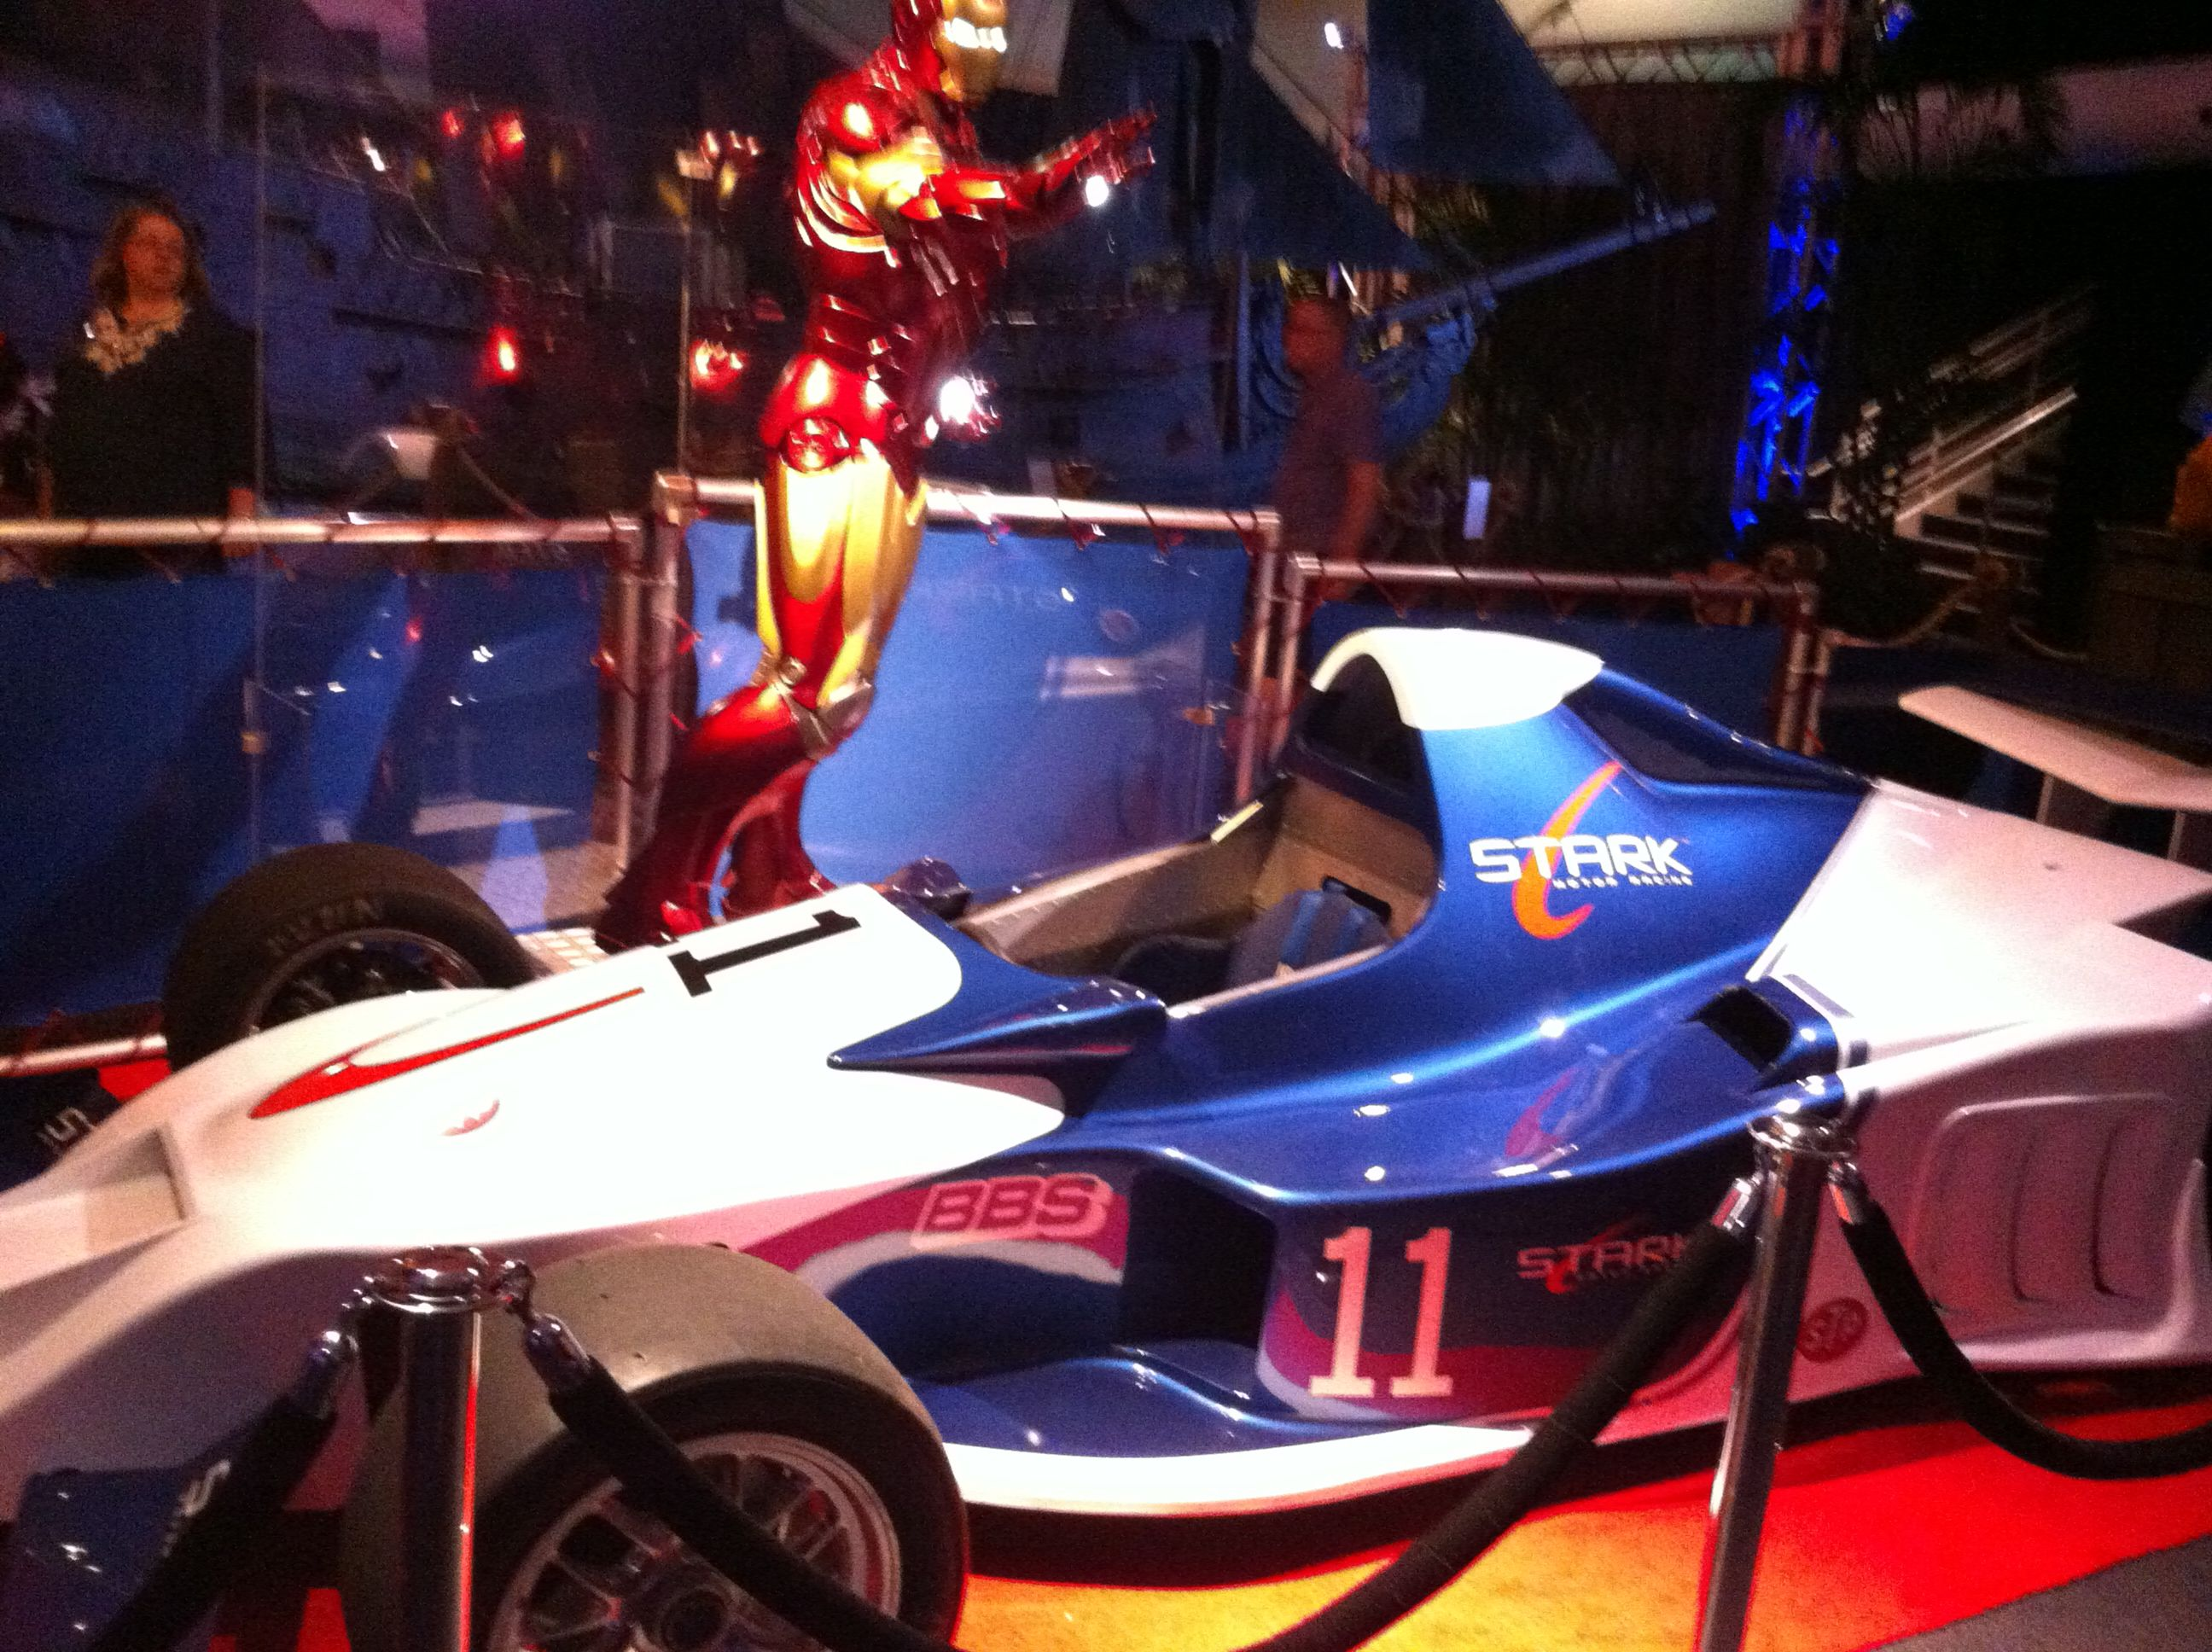 Tony Stark Racecar From Ironman 2 Tony Stark Race Cars Movie Props